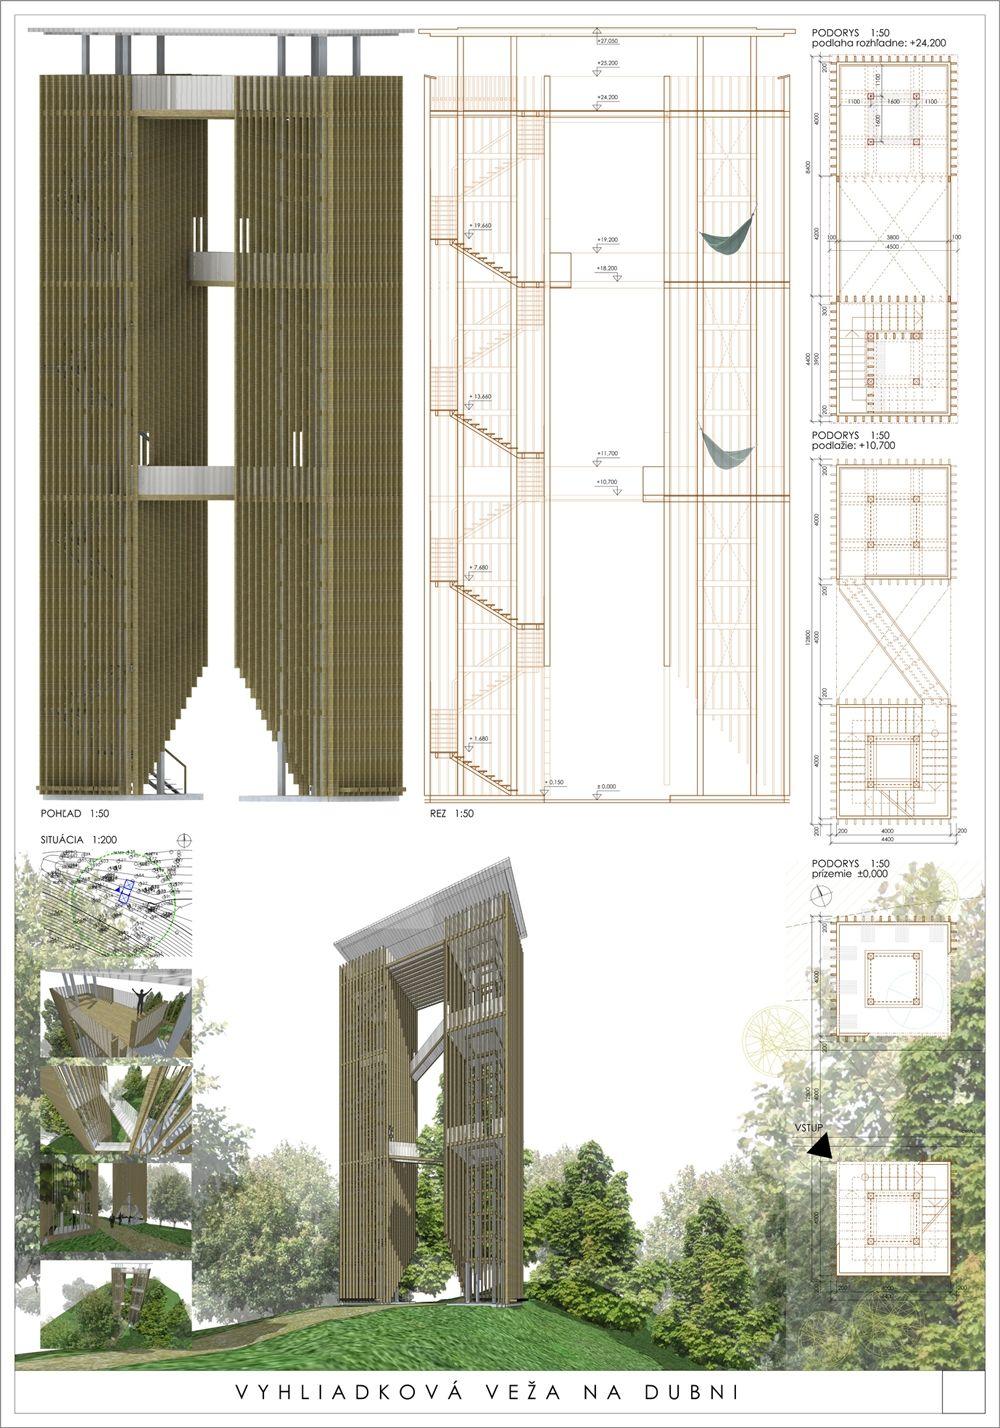 Súťažné návrhy Výhliadková veža na Dubni, foto 8